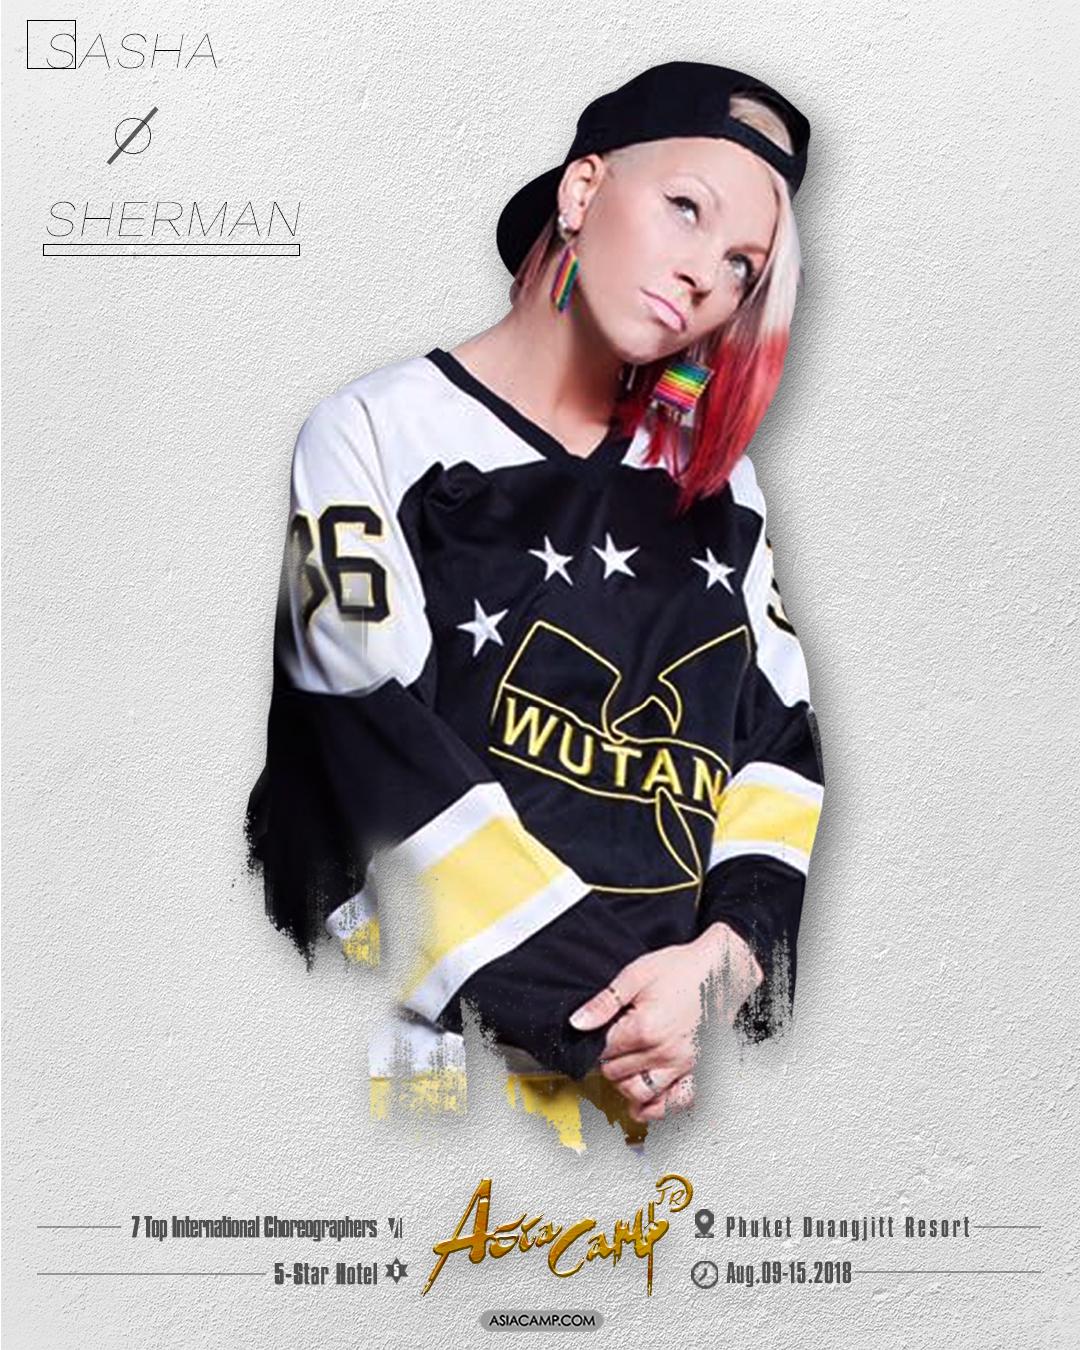 sasha-sherman-NEW